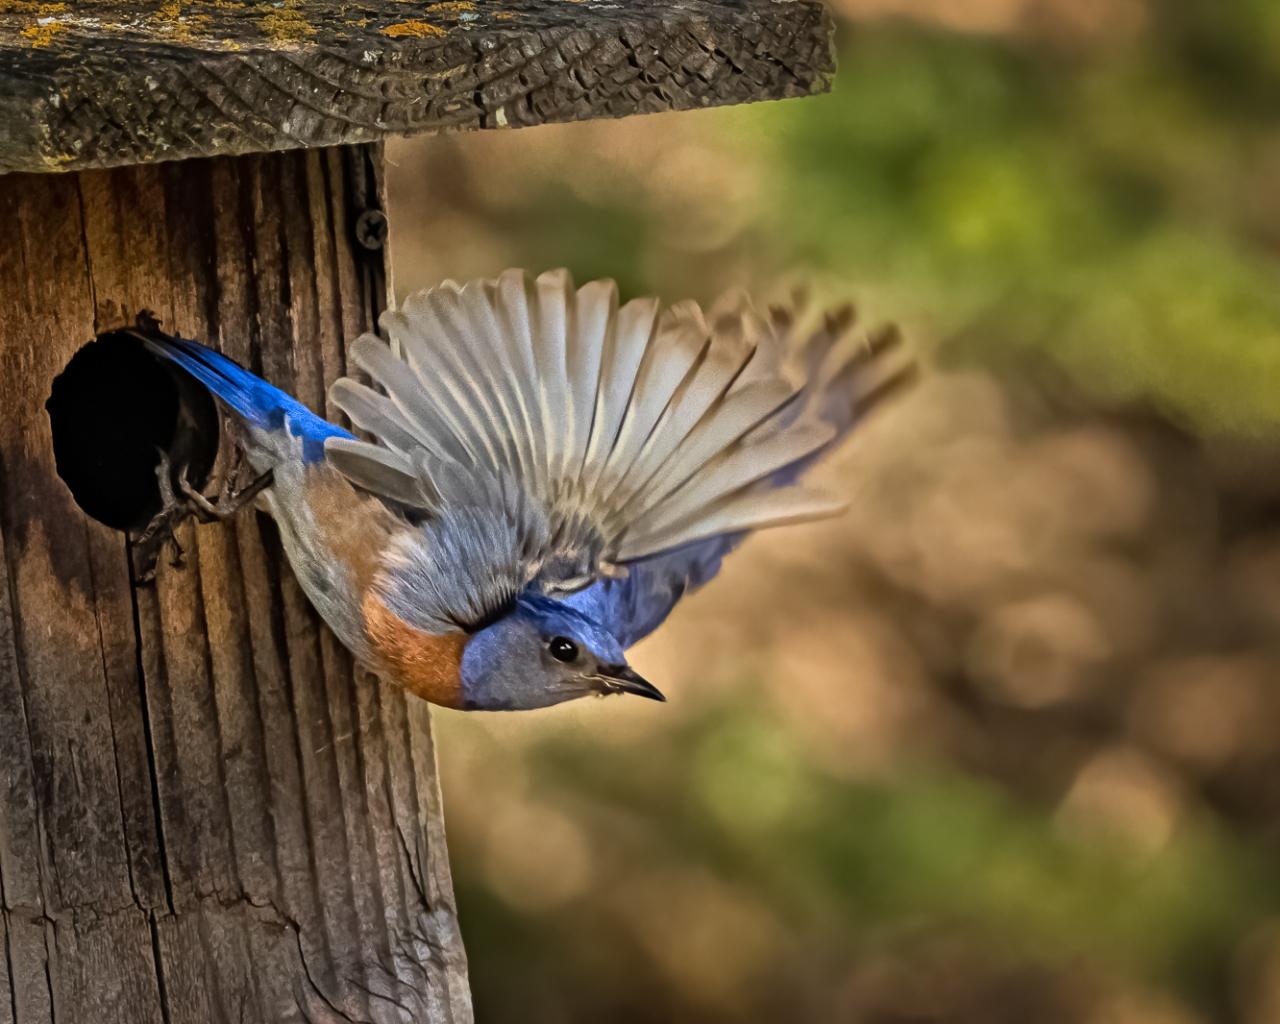 Pajaro saliendo de su nido - 1280x1024